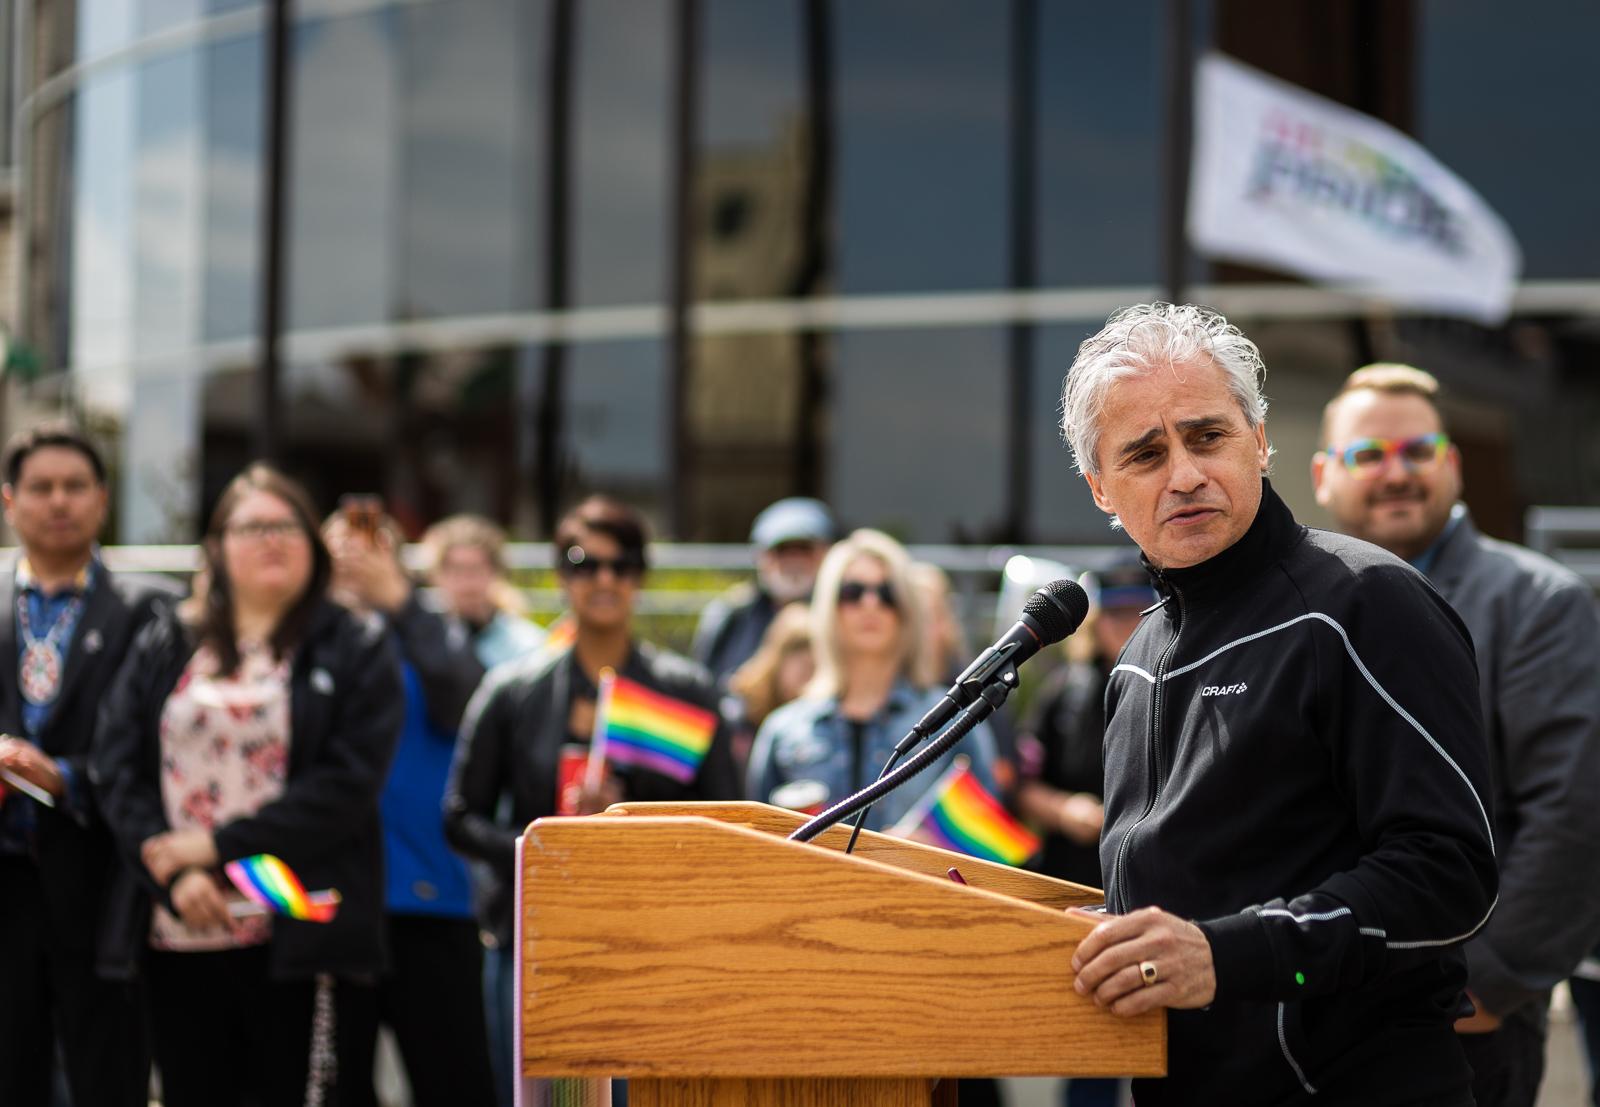 pride-2019-opening-ceremonies-blog-49.jpg